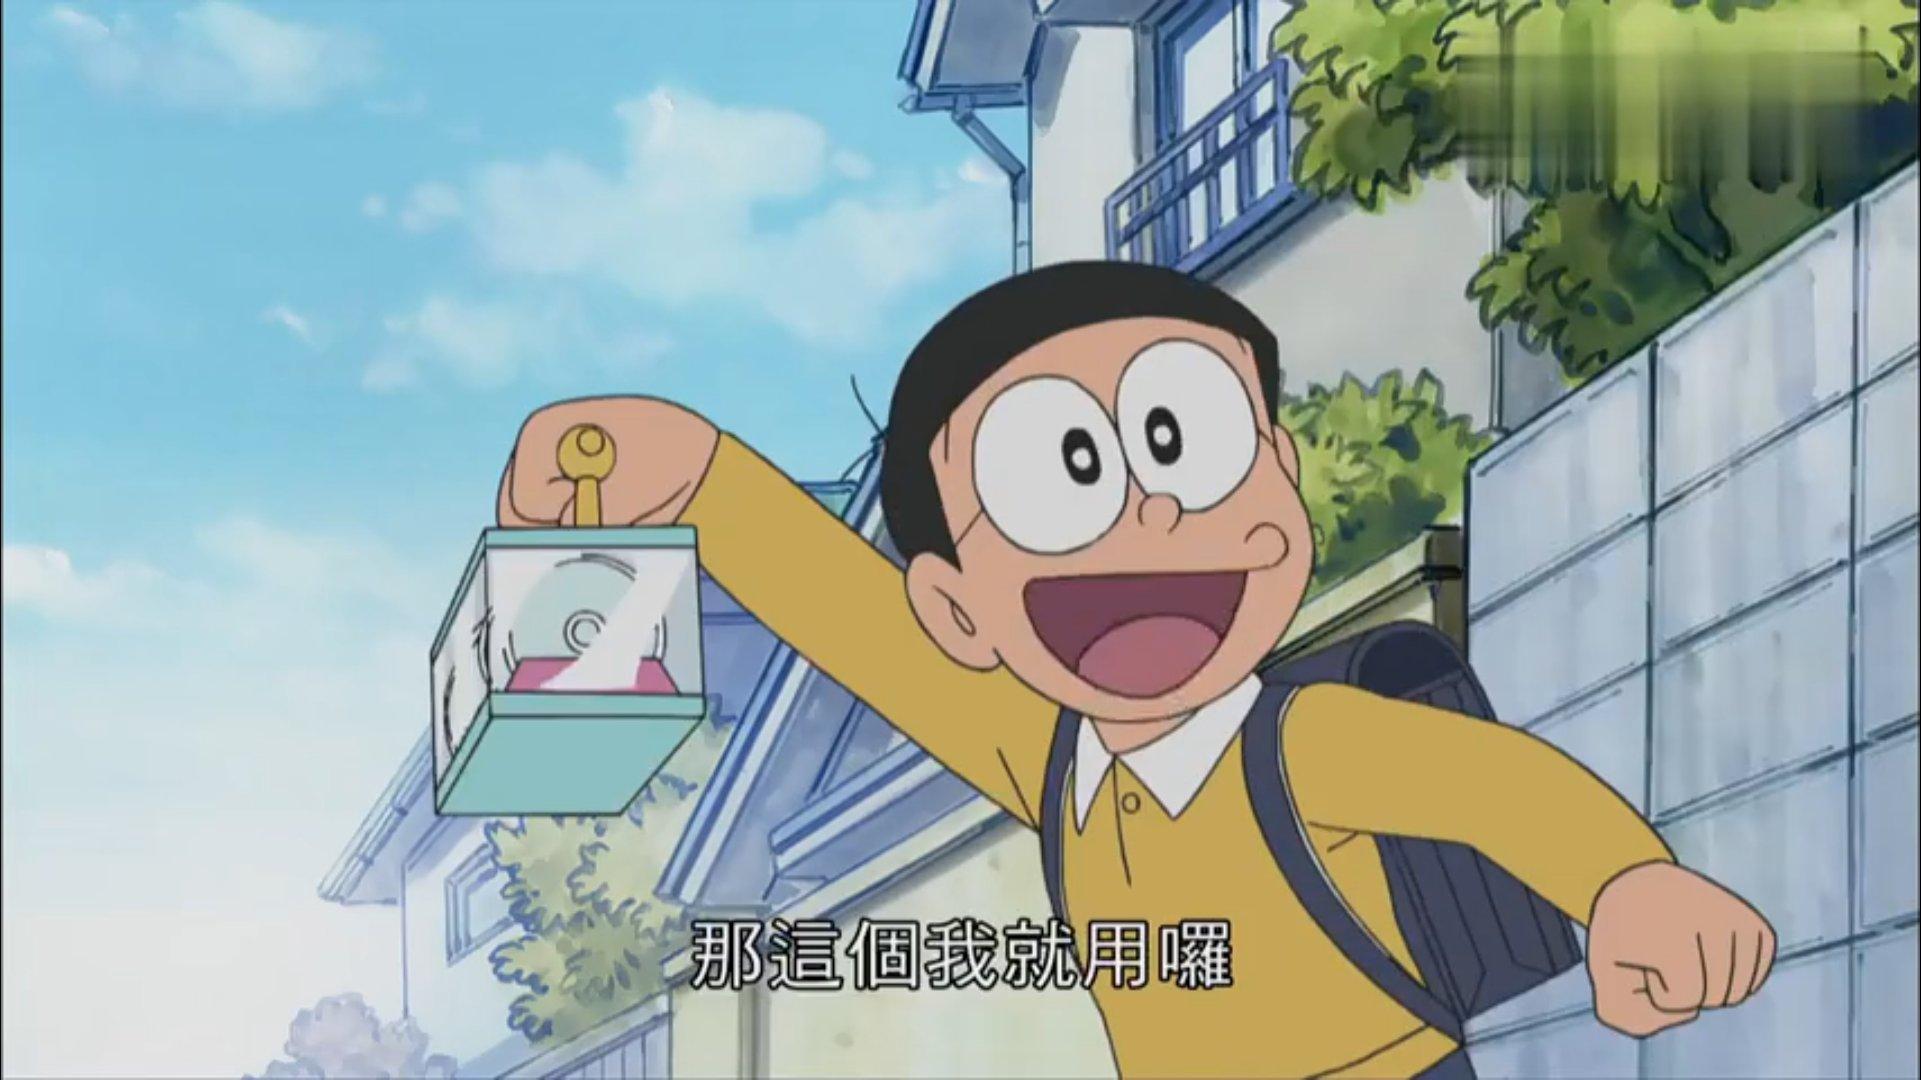 【视频】哆啦A梦:大雄使用哆啦A梦的道具,哆啦A梦却担心出什么事